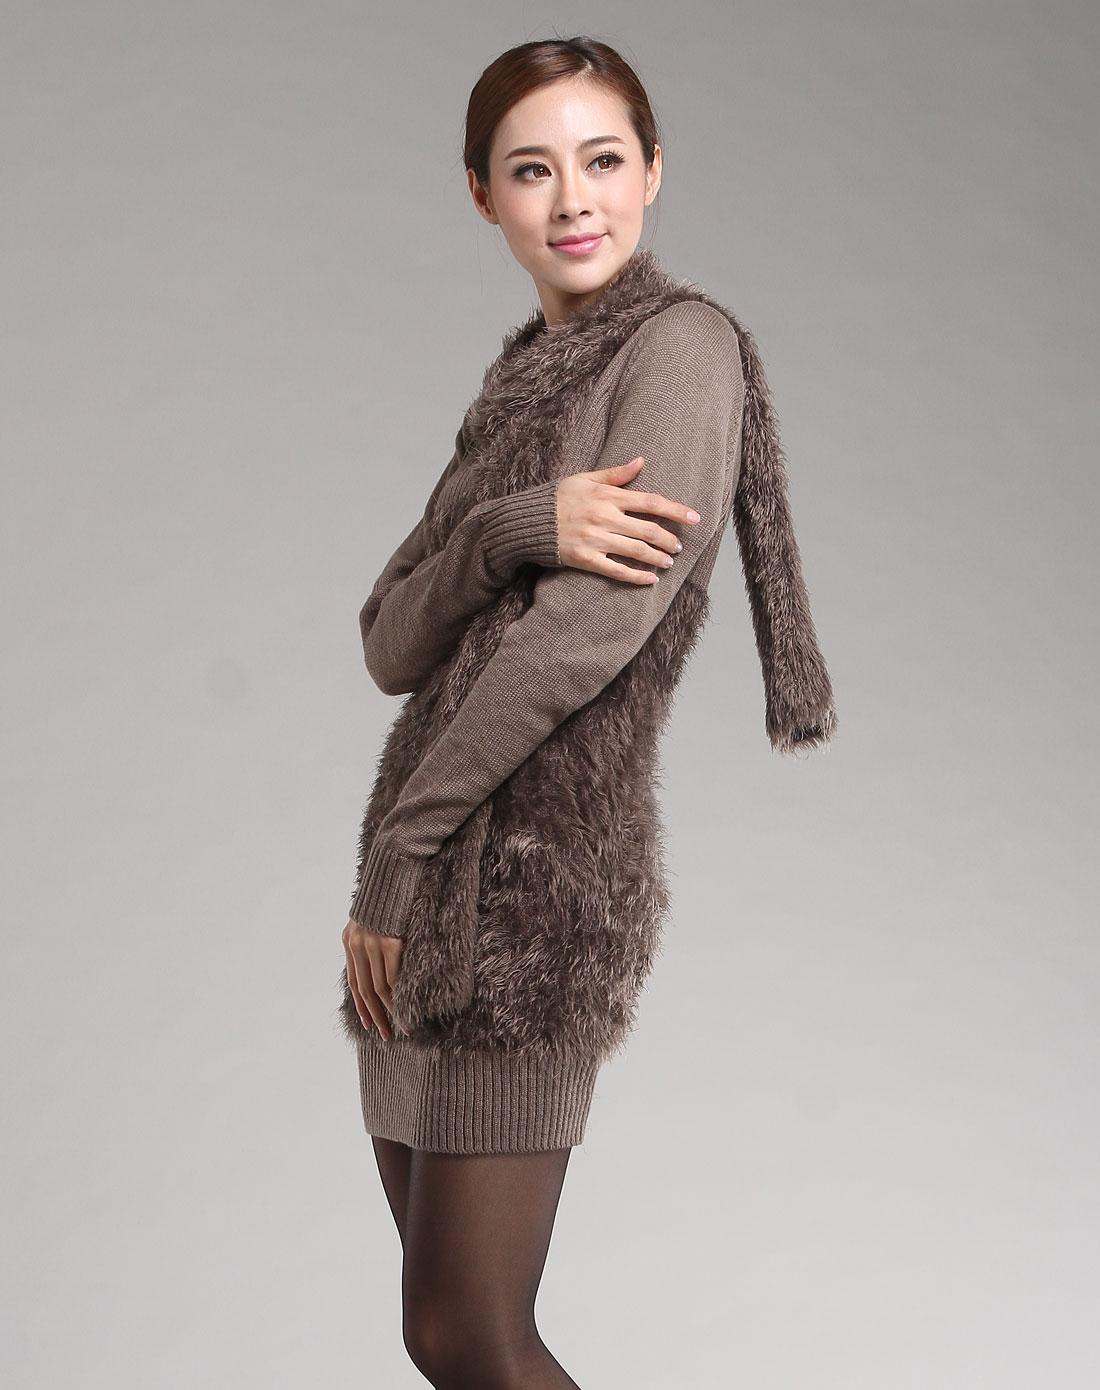 艾米拉aimila女装专场-驼色韩版时尚百搭圆领搭配围巾长款毛衣